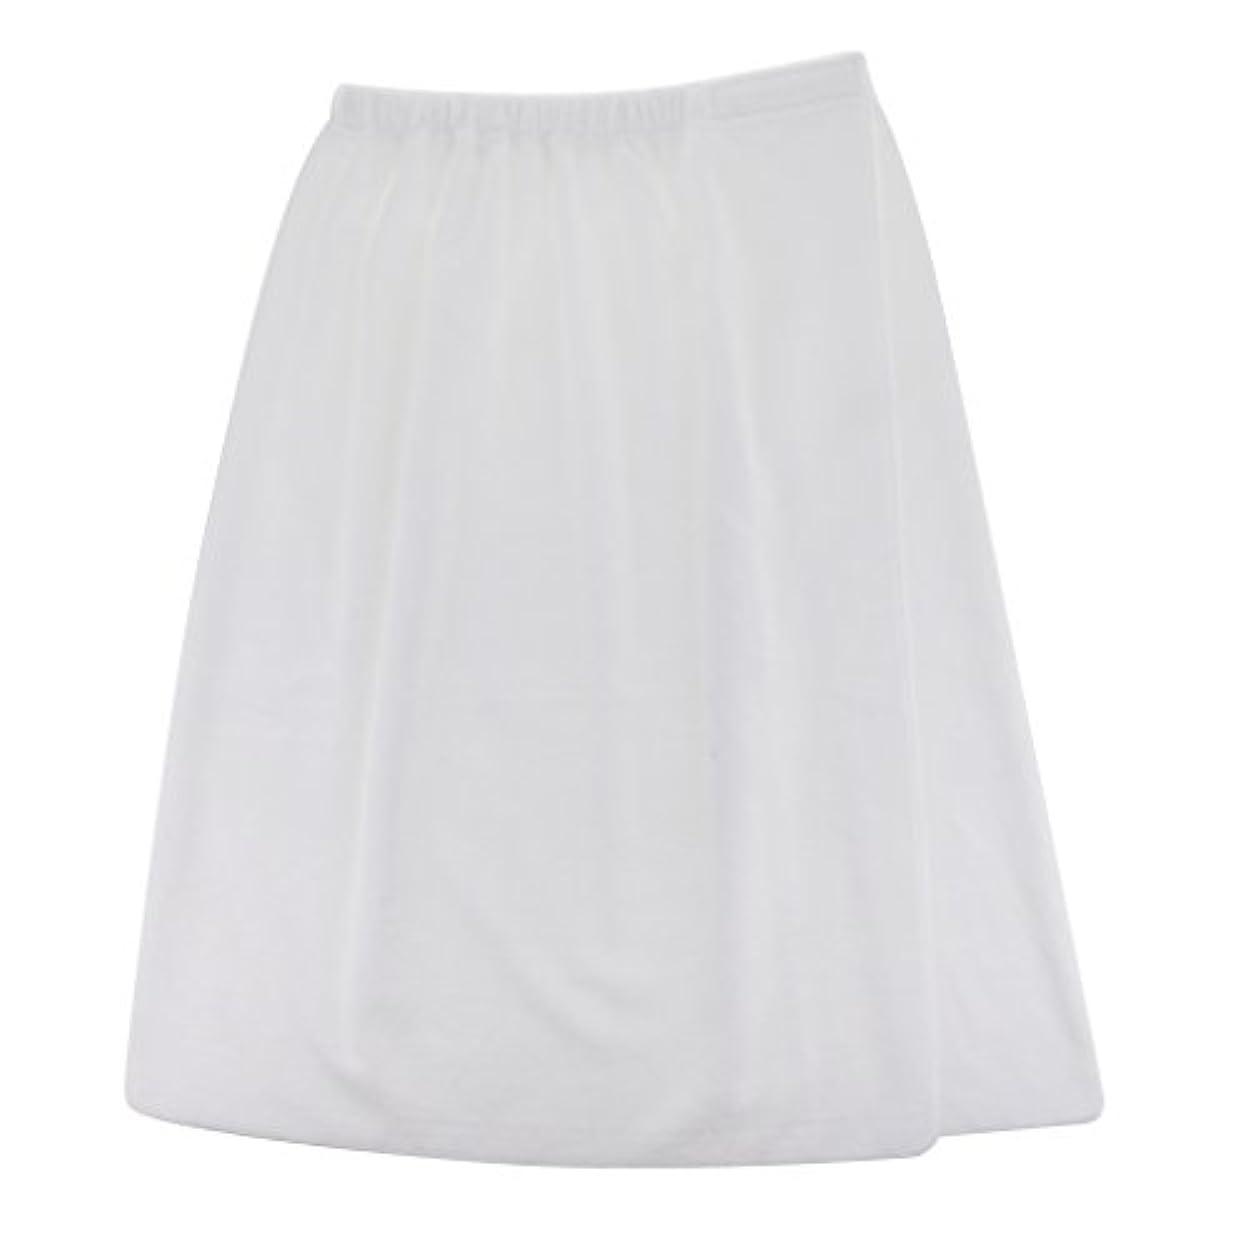 すべてティーンエイジャー買い物に行くタオルラップ 女性 吸収性 マイクロファイバー シャワー スパ ボディラップ バスタオル 140x72cm 2色選べる - 白